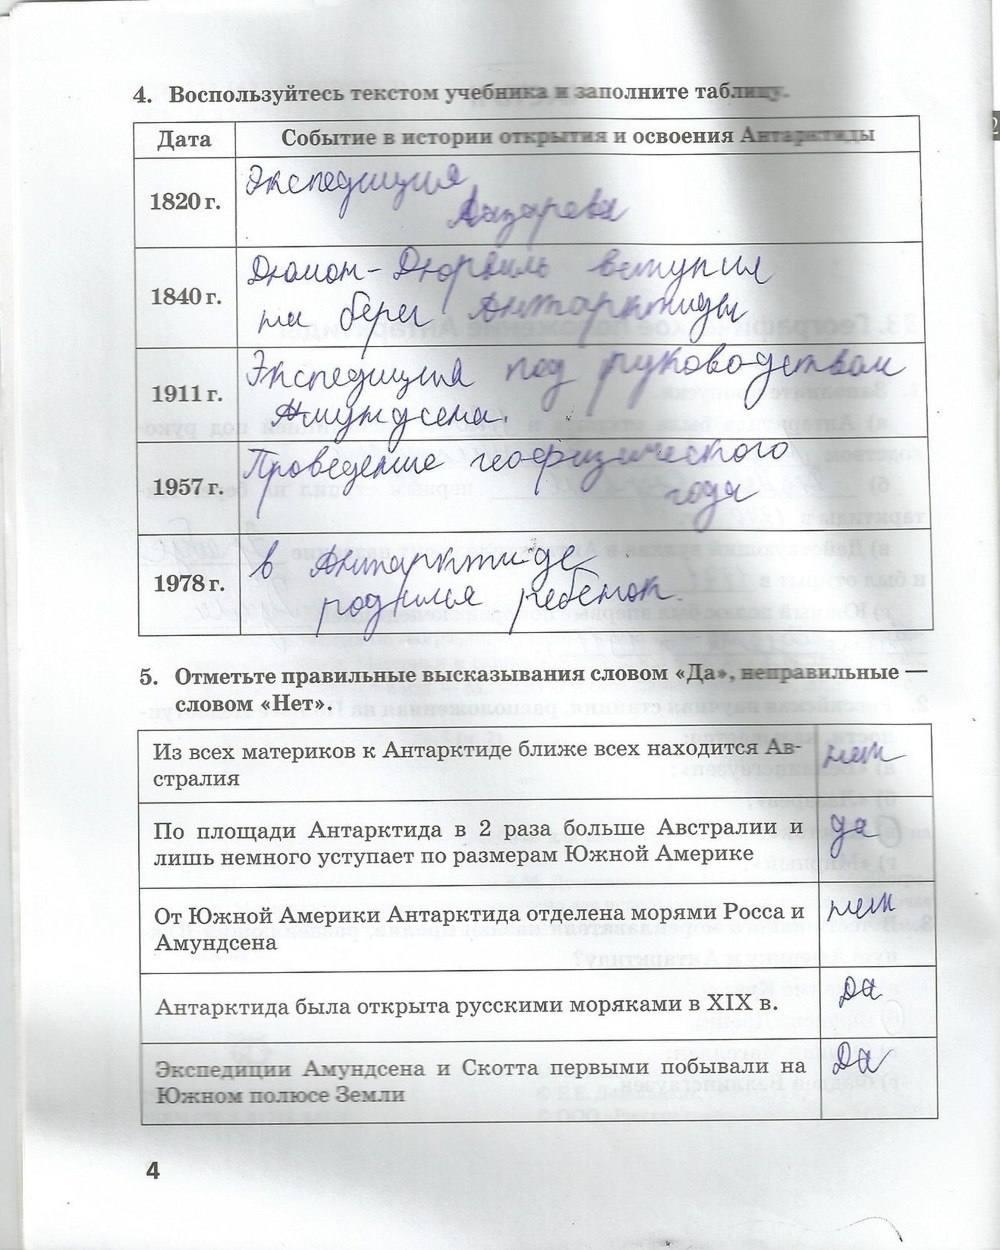 гдз по крымоведение 7 класс рабочая тетрадь супрычев